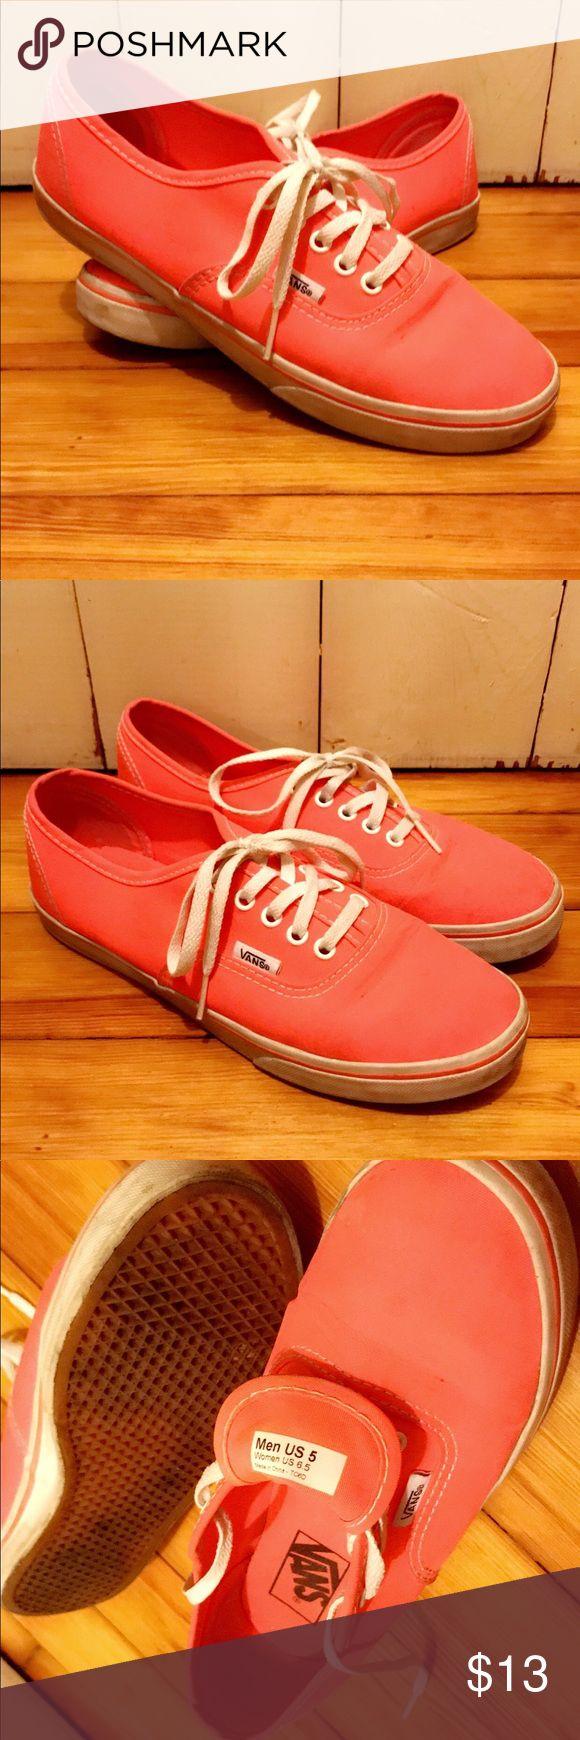 Coral Vans Tennis Shoes Men's size 5, Women's size 6.5 Vans Shoes Sneakers